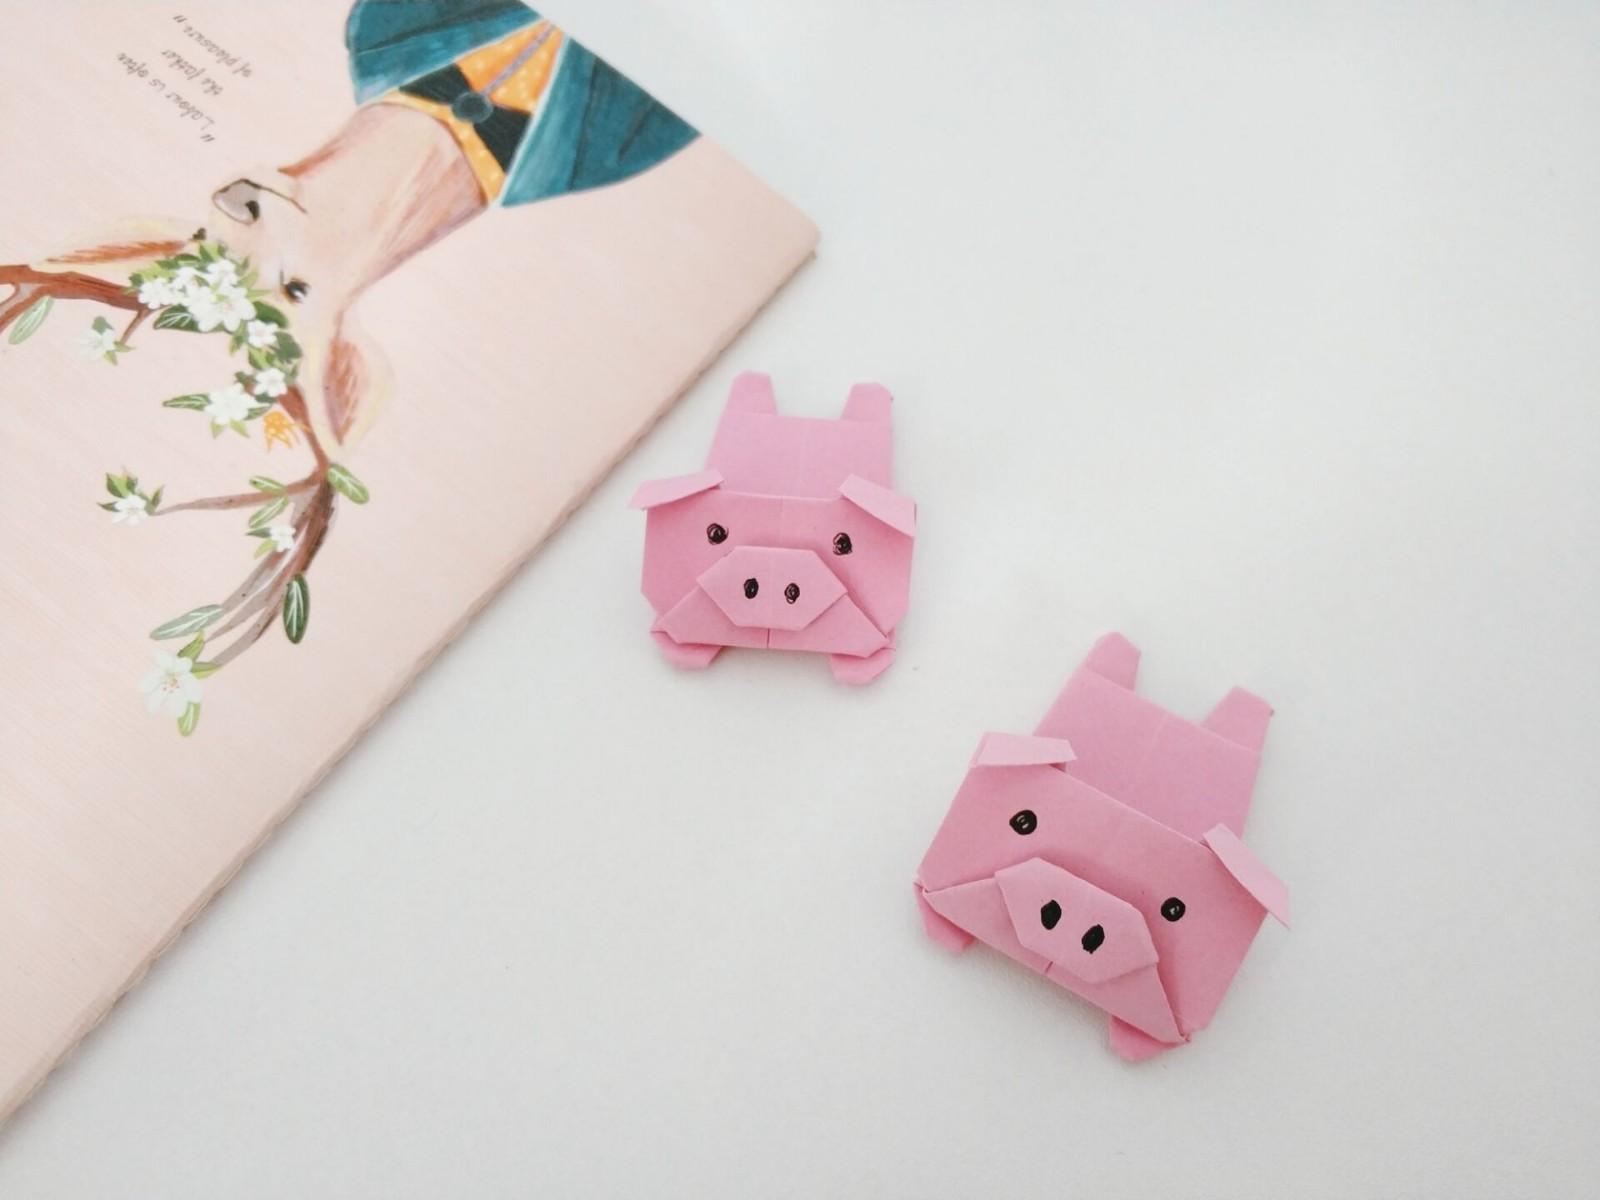 超级可爱的折纸小猪,做起来还是很简单的哦,香香居们快快学起来吧